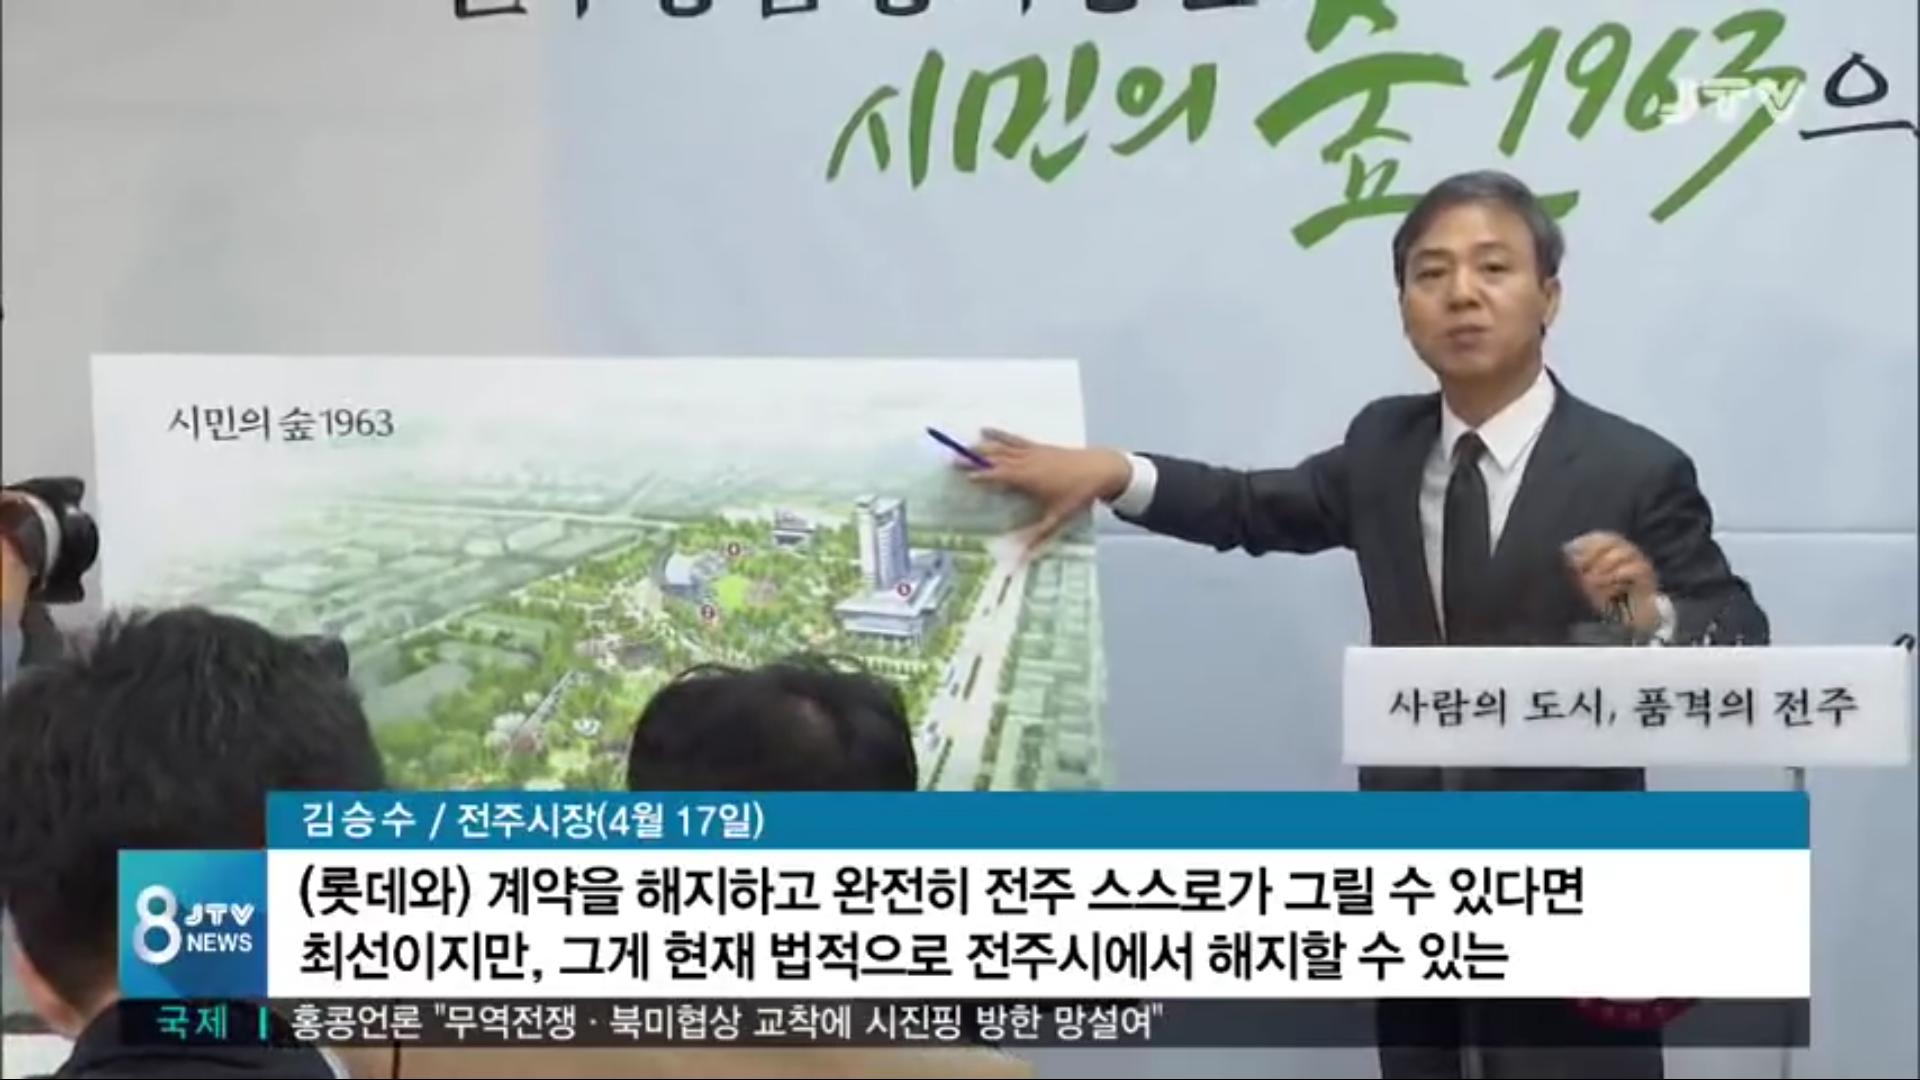 [19.5.15 JTV] 김승수 전주시장,  협약 해지 불가능 해명은 거짓으로 드러나 의혹 증폭2.png